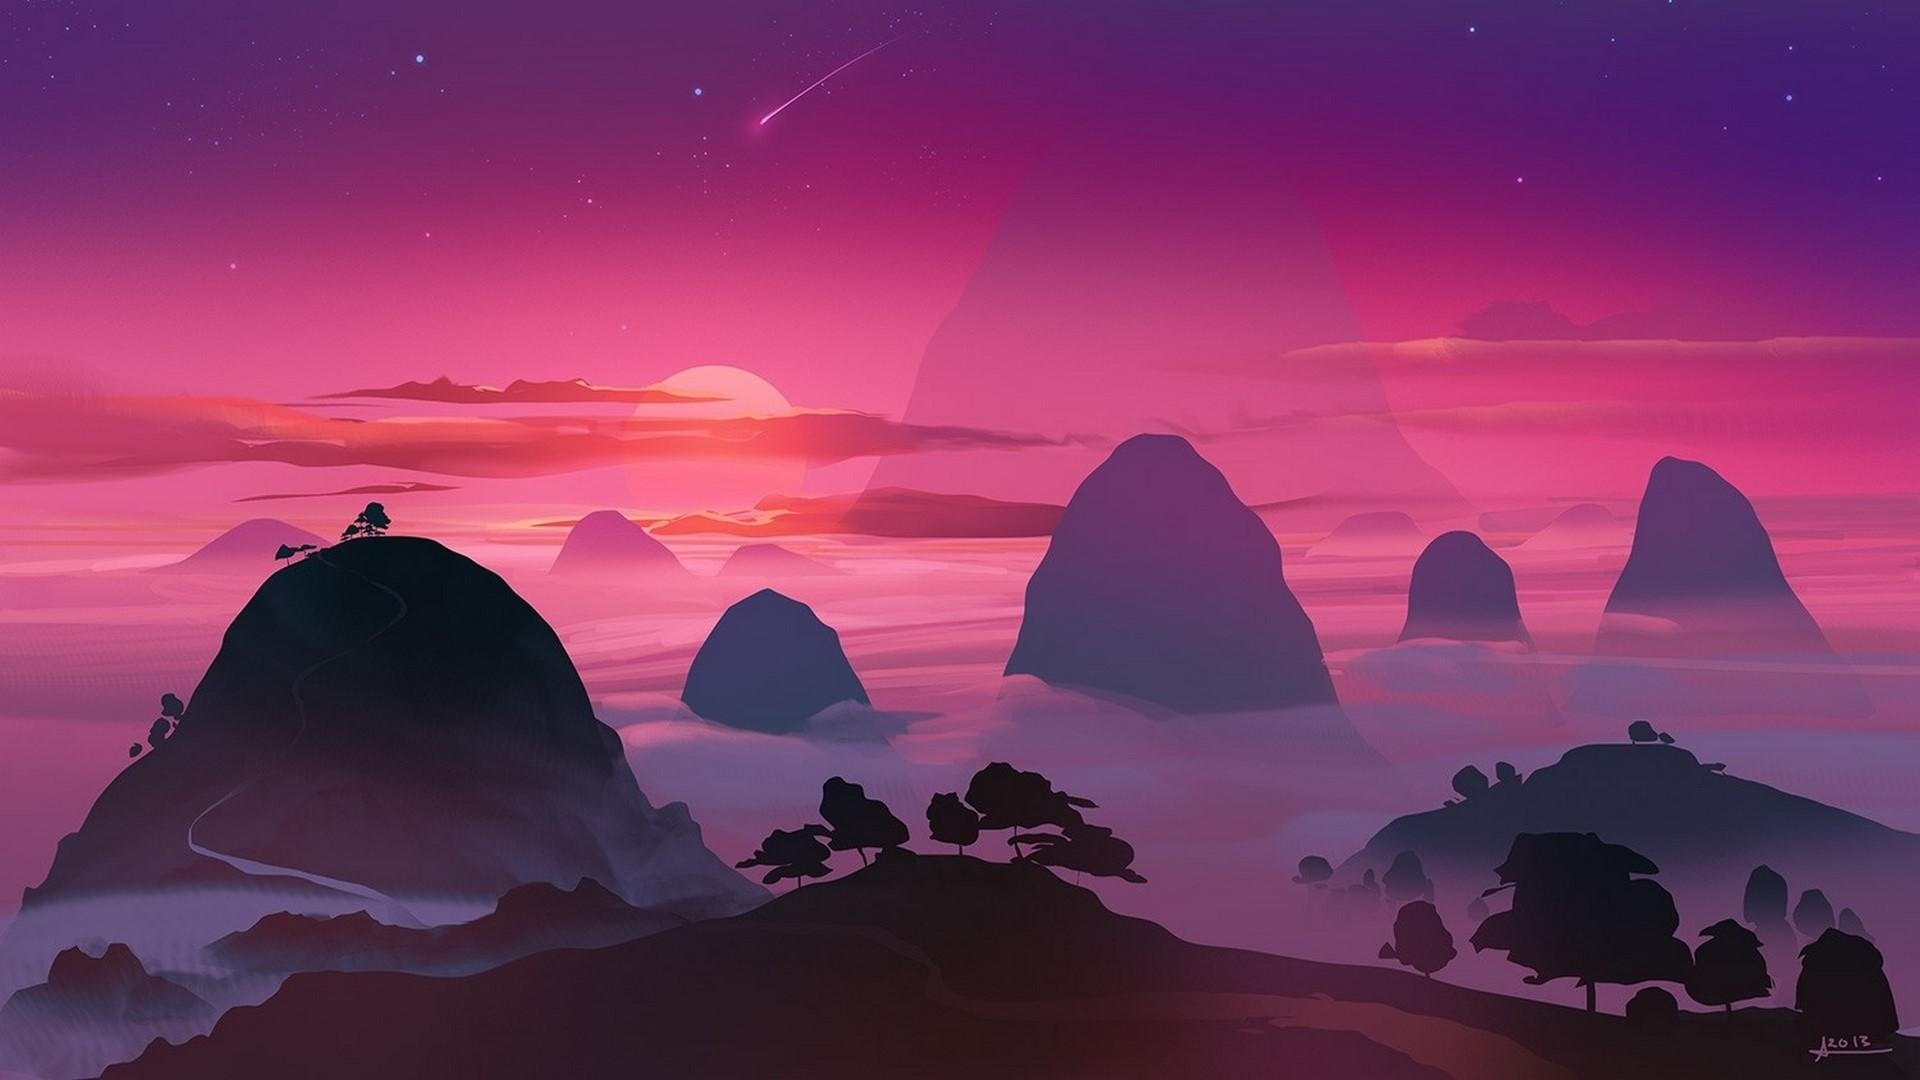 Sky Minimalist Wallpaper image hd